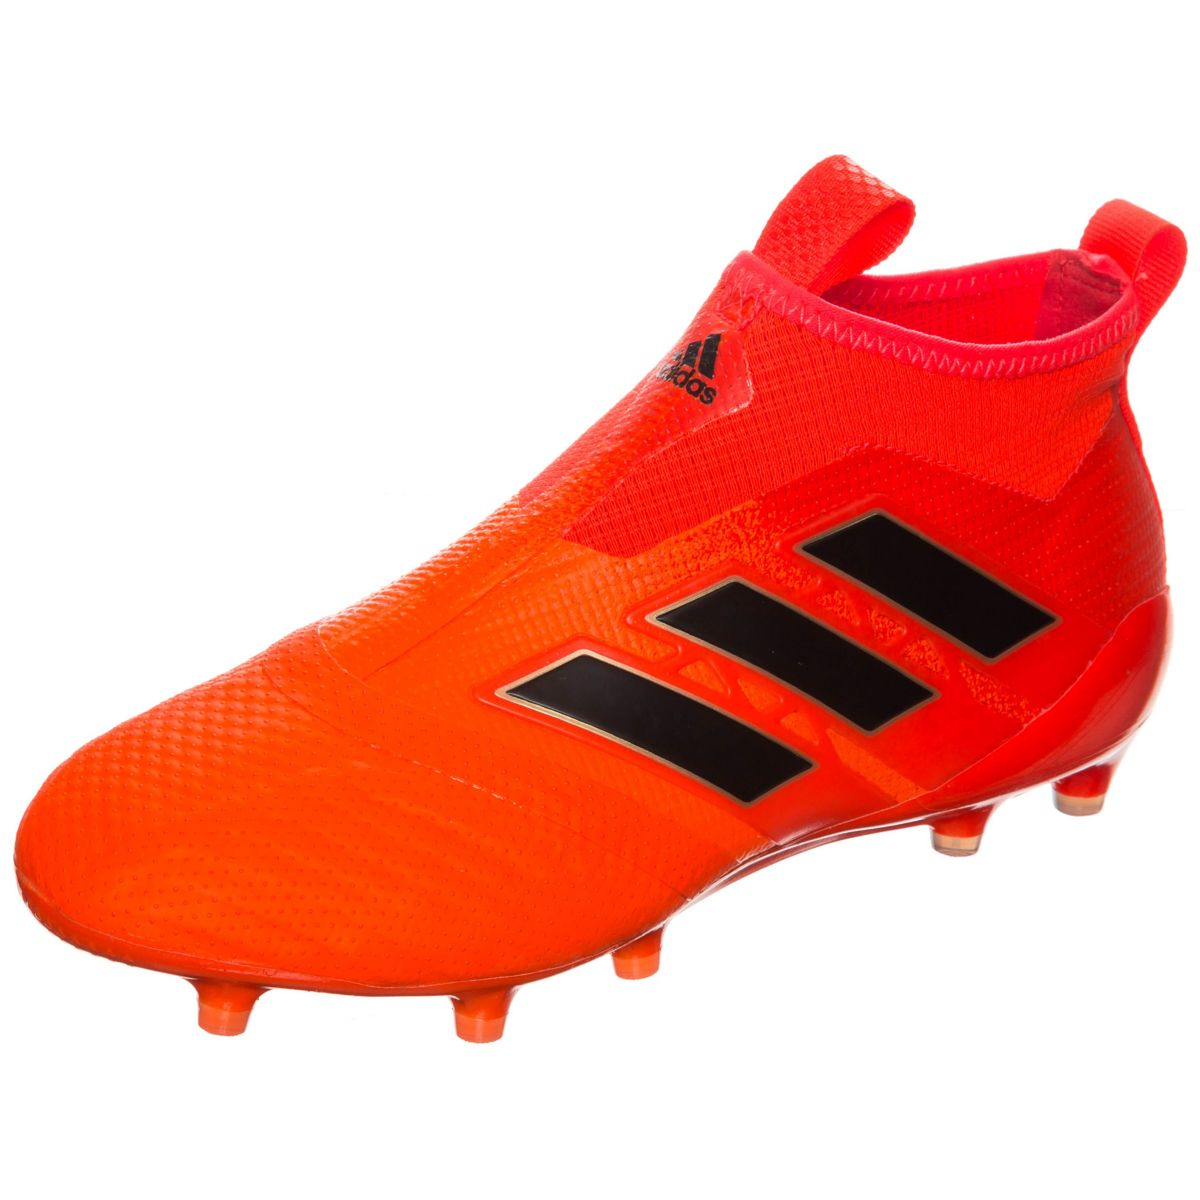 Einzelner linker Fußballschuh Adidas Preditor Absolute